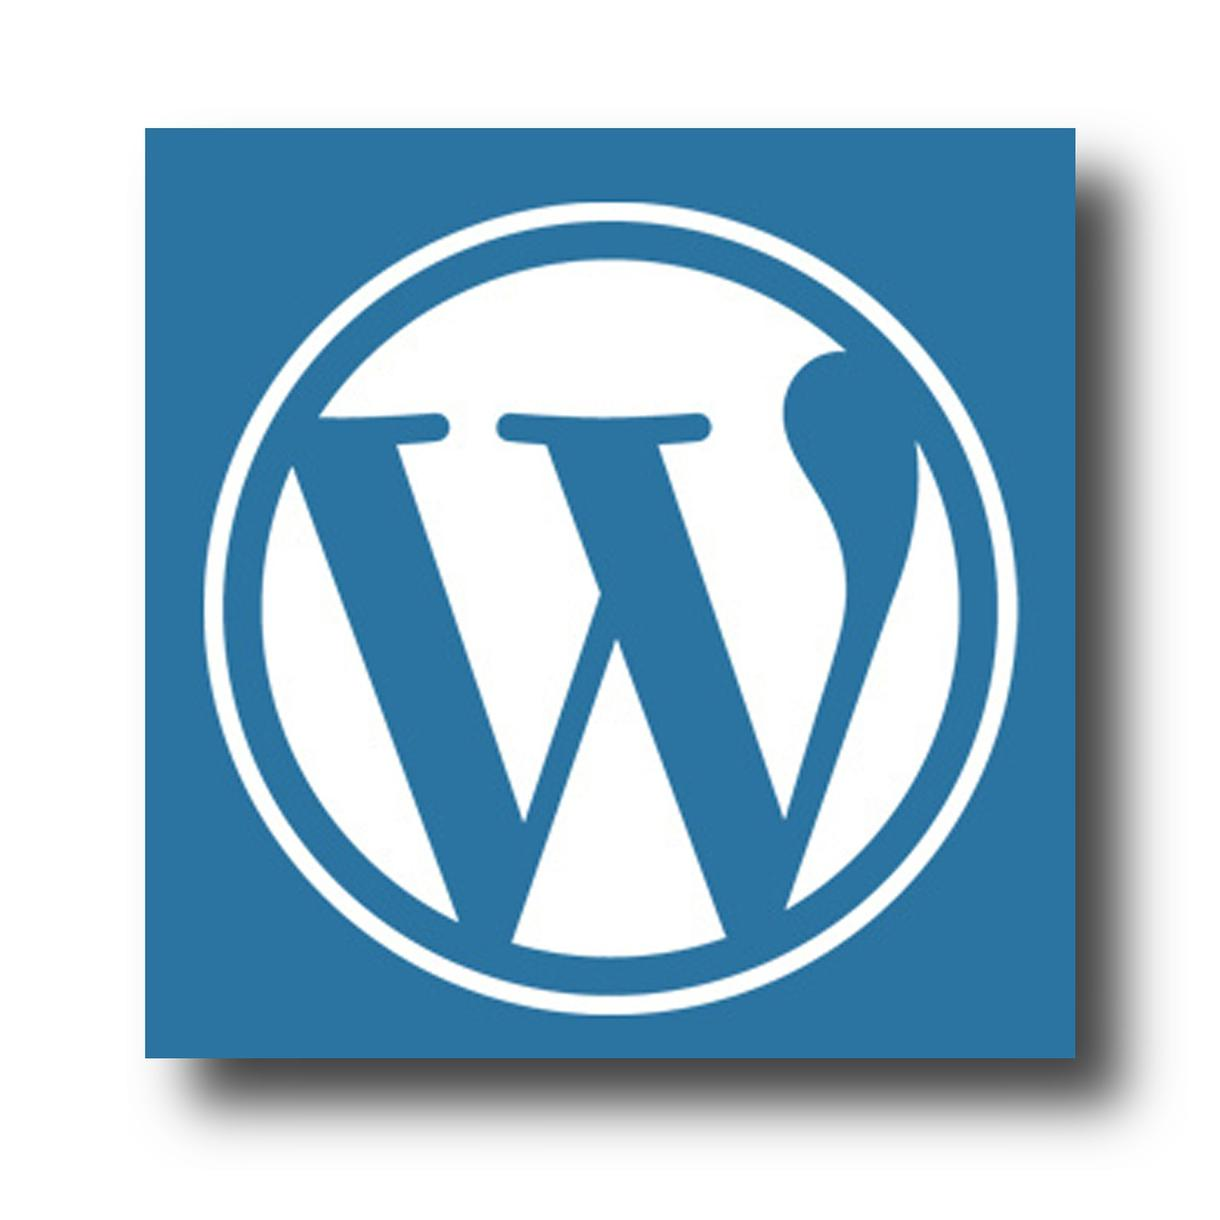 WordPressでレスポンシブ対応HP制作します デザインからコーディングまでレスポンシブ対応HP制作します。 イメージ1